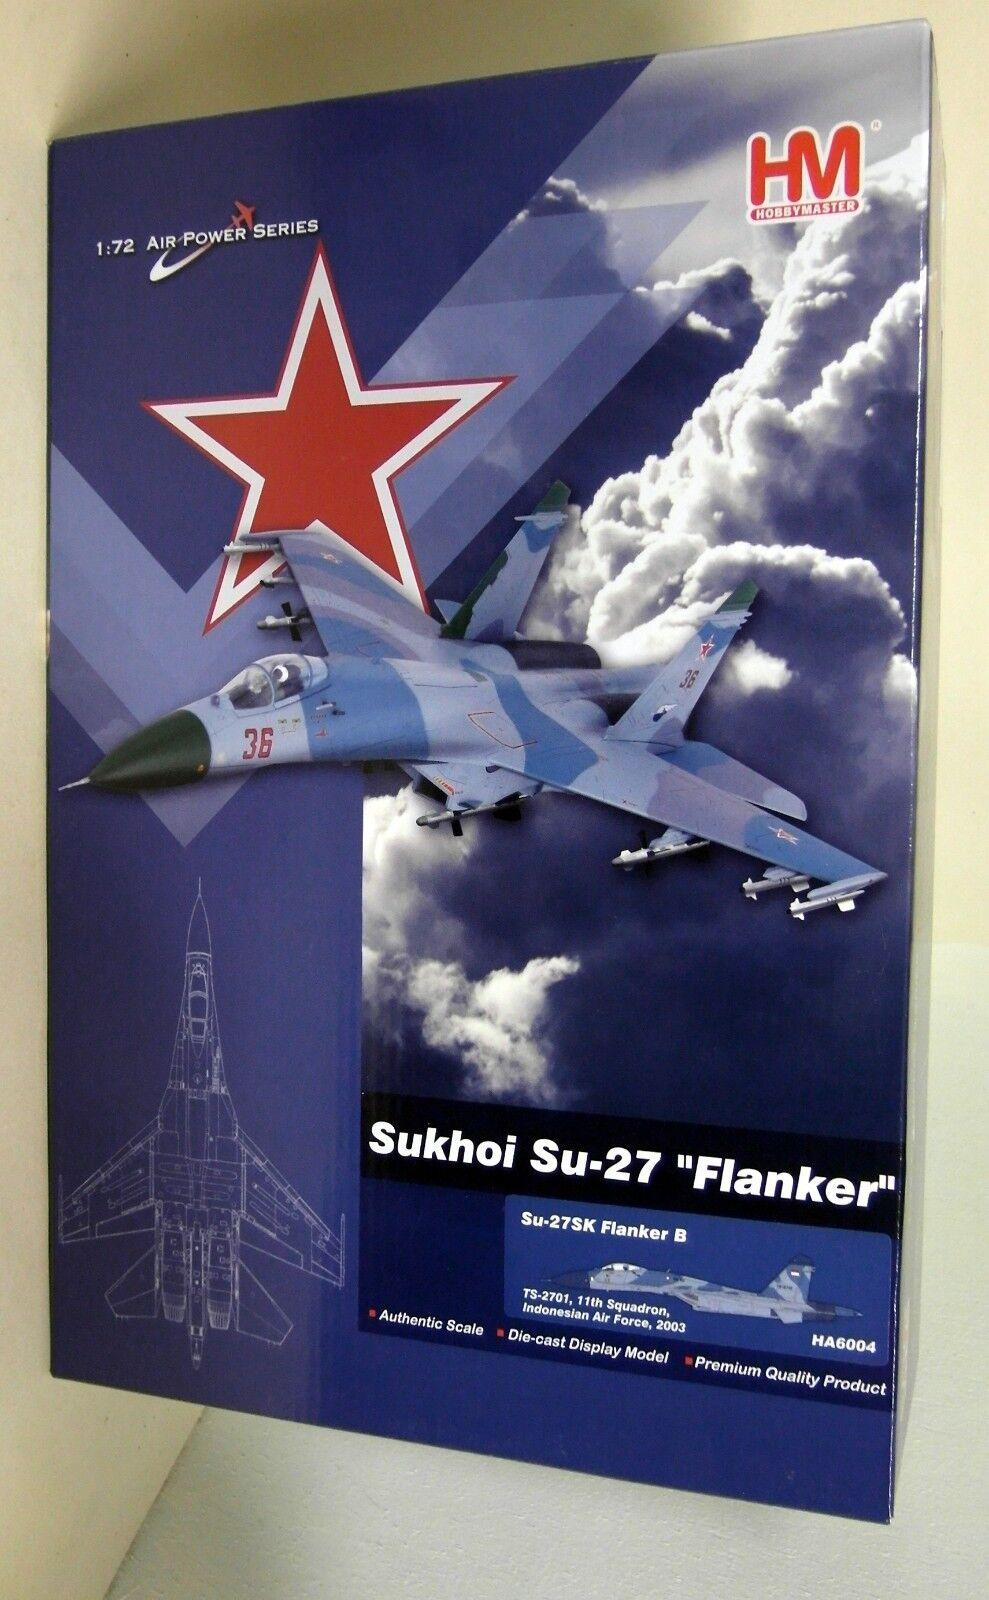 venta al por mayor barato Hobbymaster 1 72 escala HA6004 Sukhoi Sukhoi Sukhoi Su-27 accionariado B TS-2701 Avión Diecast  mas preferencial